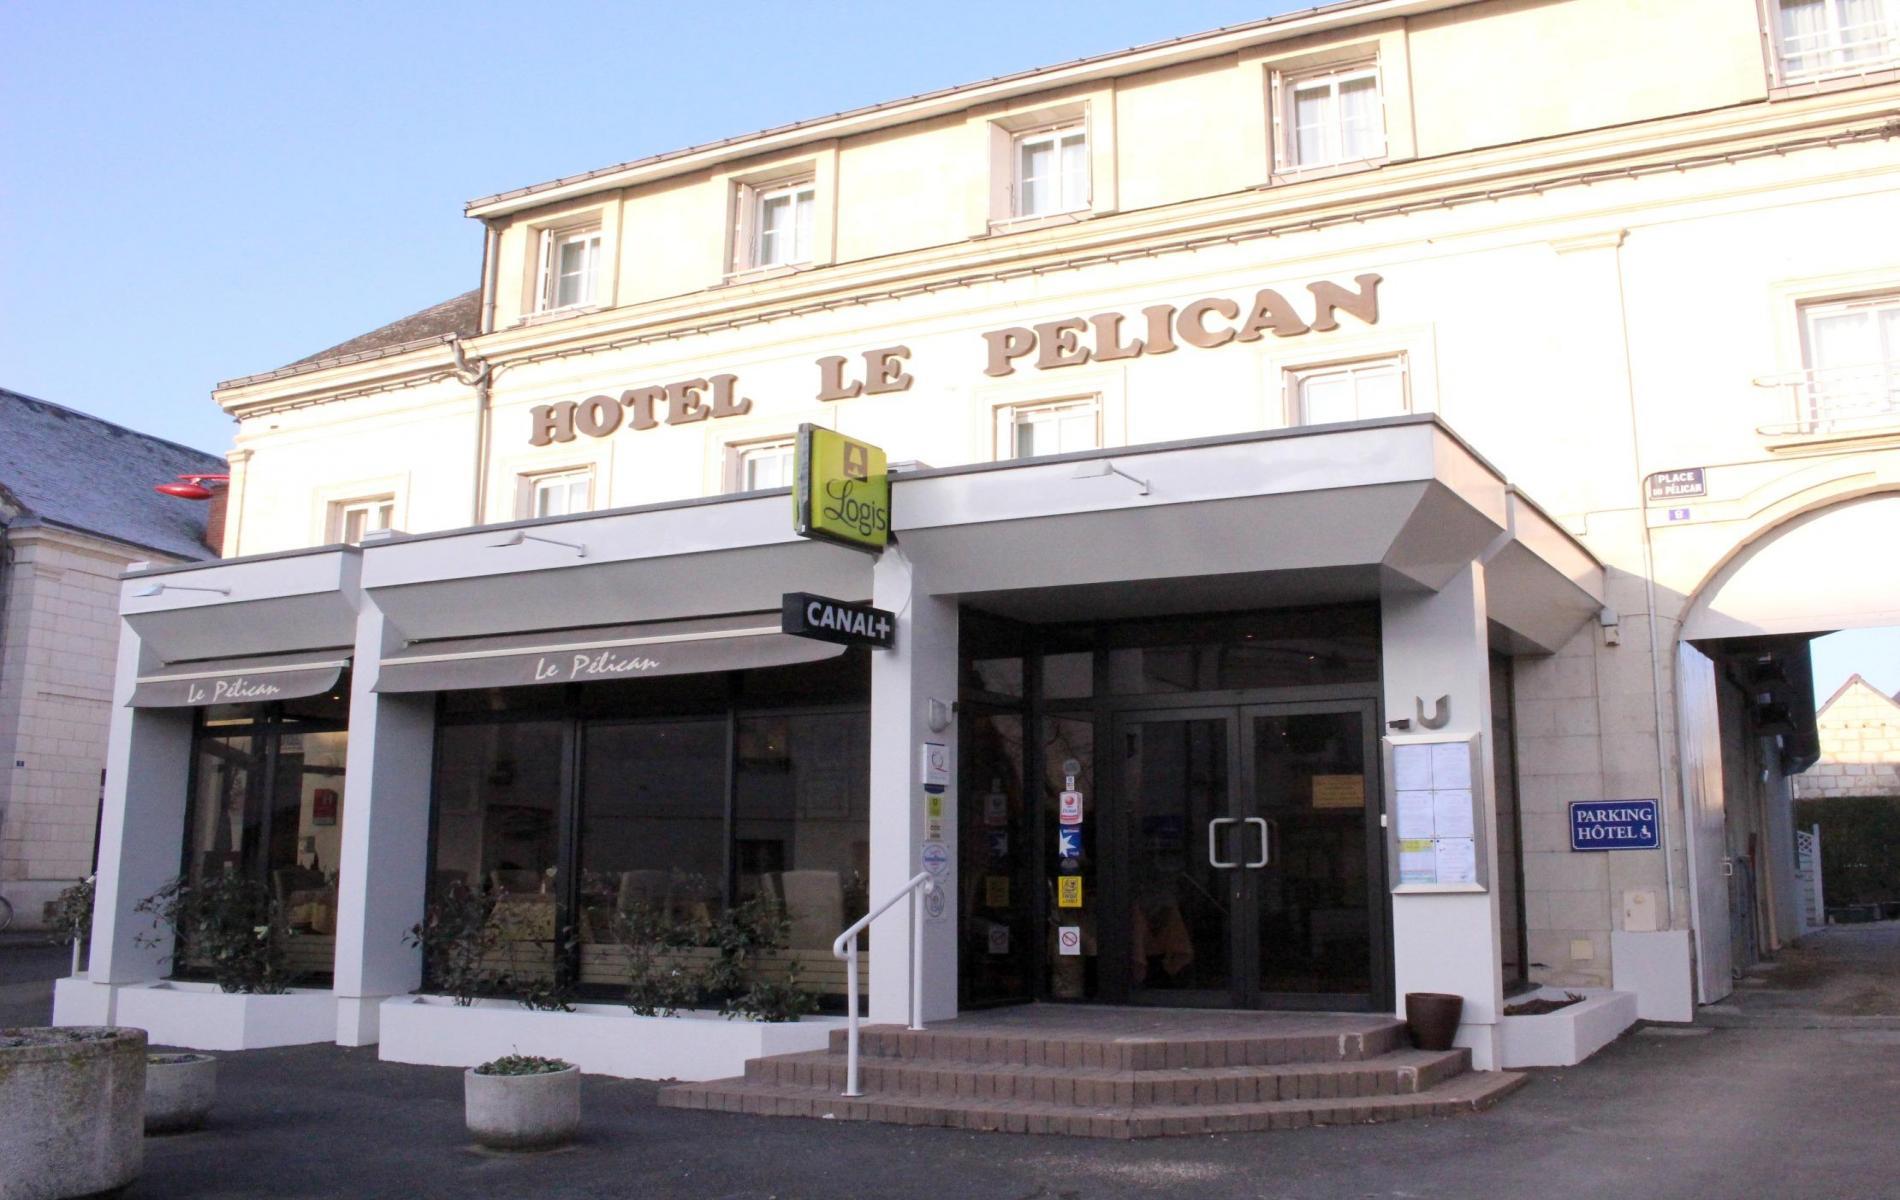 Logis hôtel en saumurois